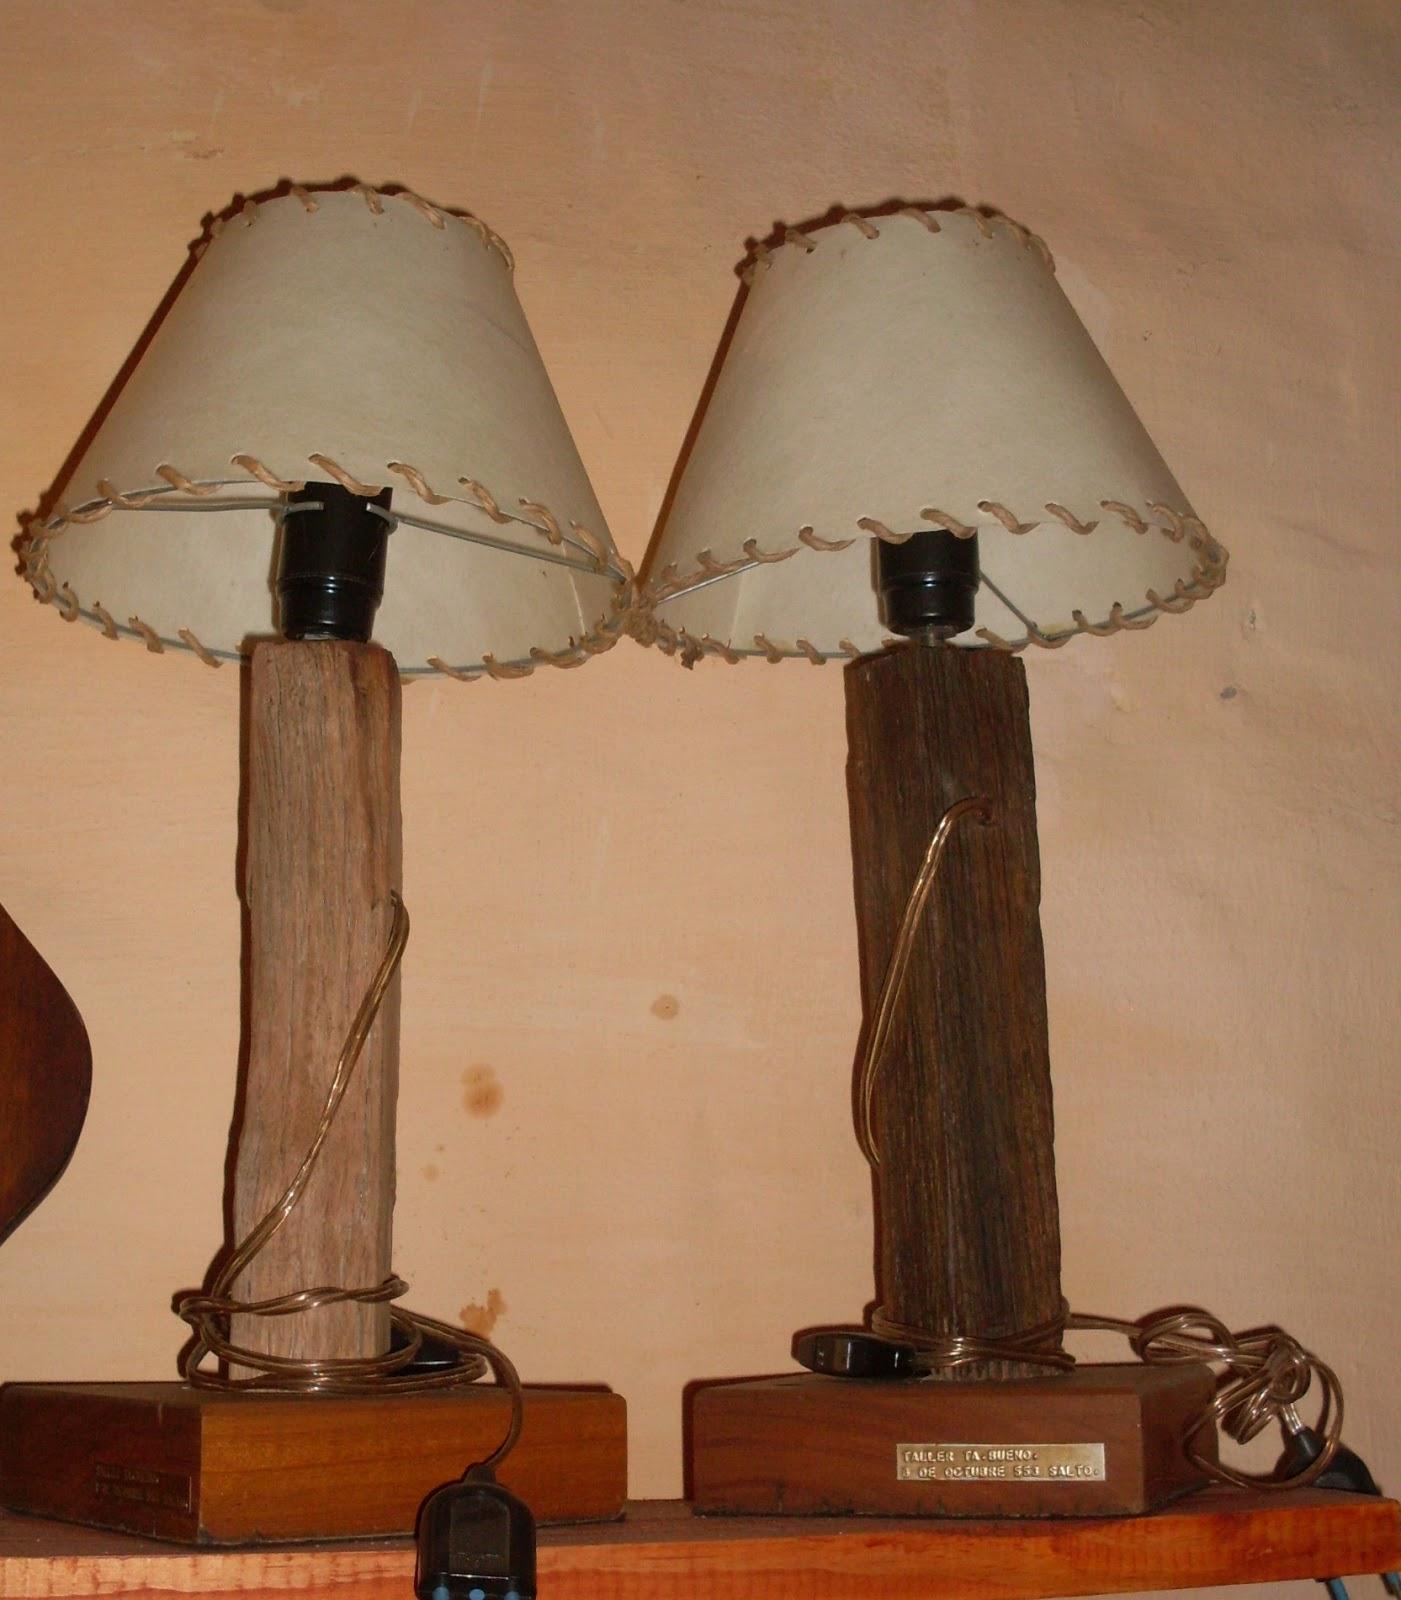 El desv n taller de hierro y madera ta 39 bueno for Lamparas de mesa de madera